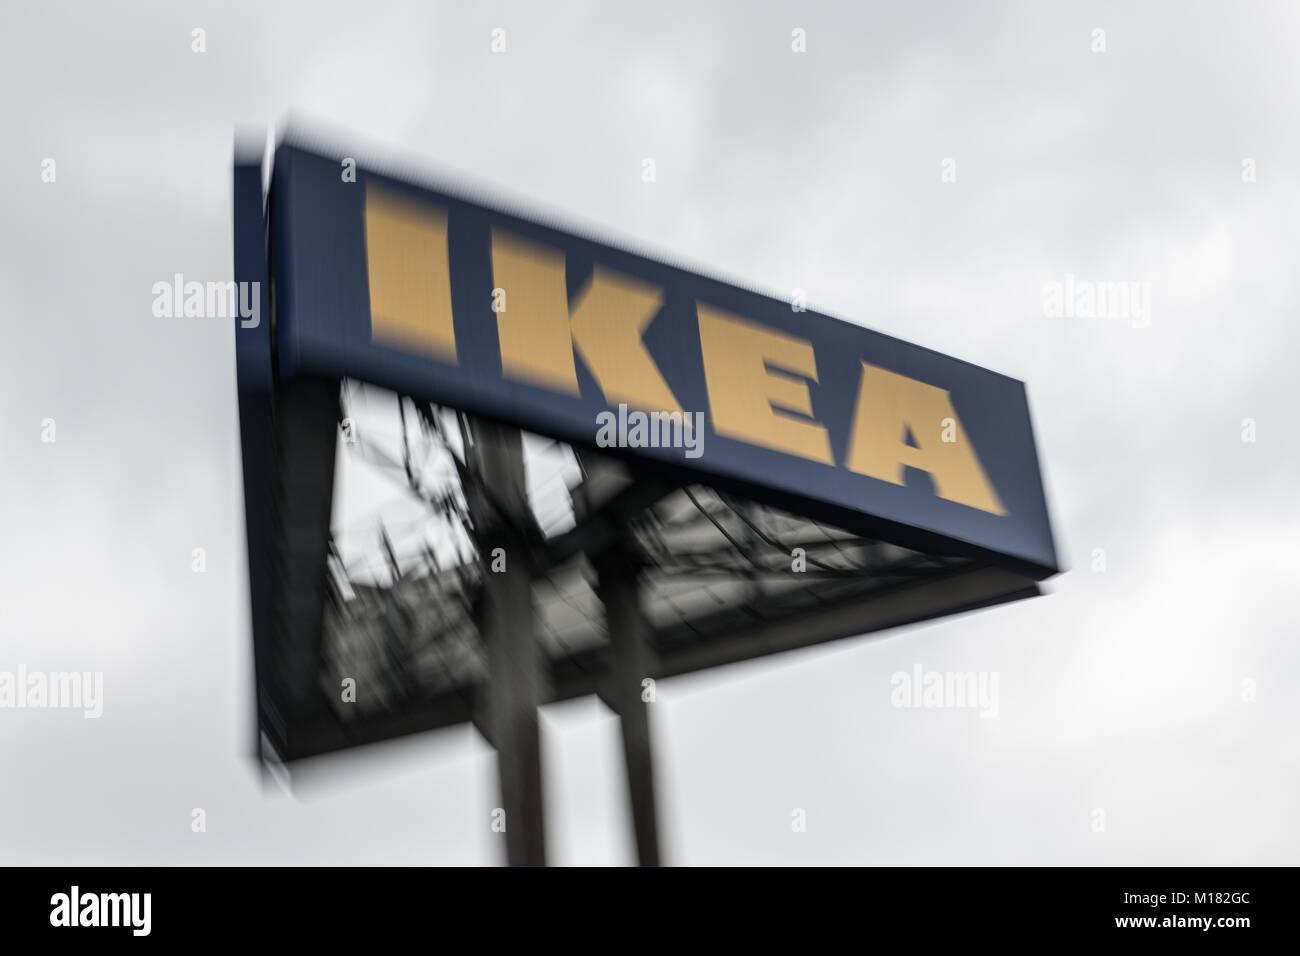 Ufficio Oggetti Smarriti Ikea : Entreprise immagini & entreprise fotos stock alamy